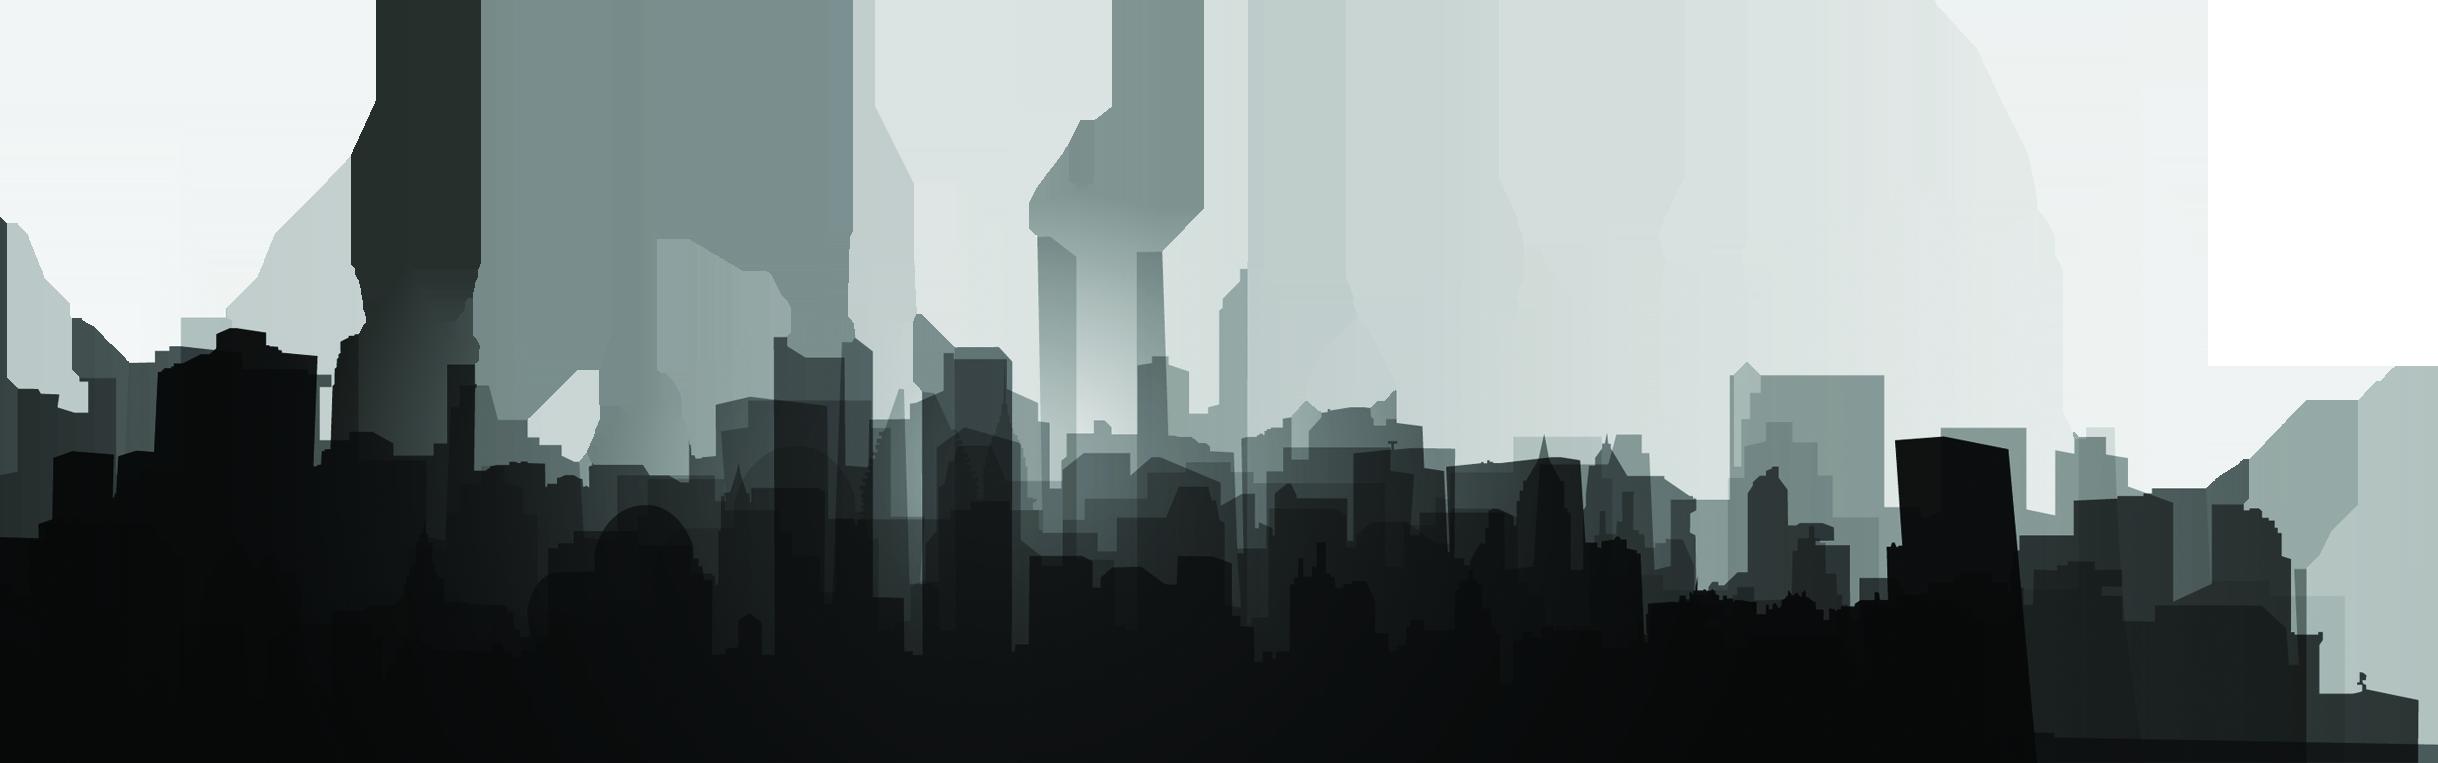 Black and white Skyline Silhouette Skyscraper.